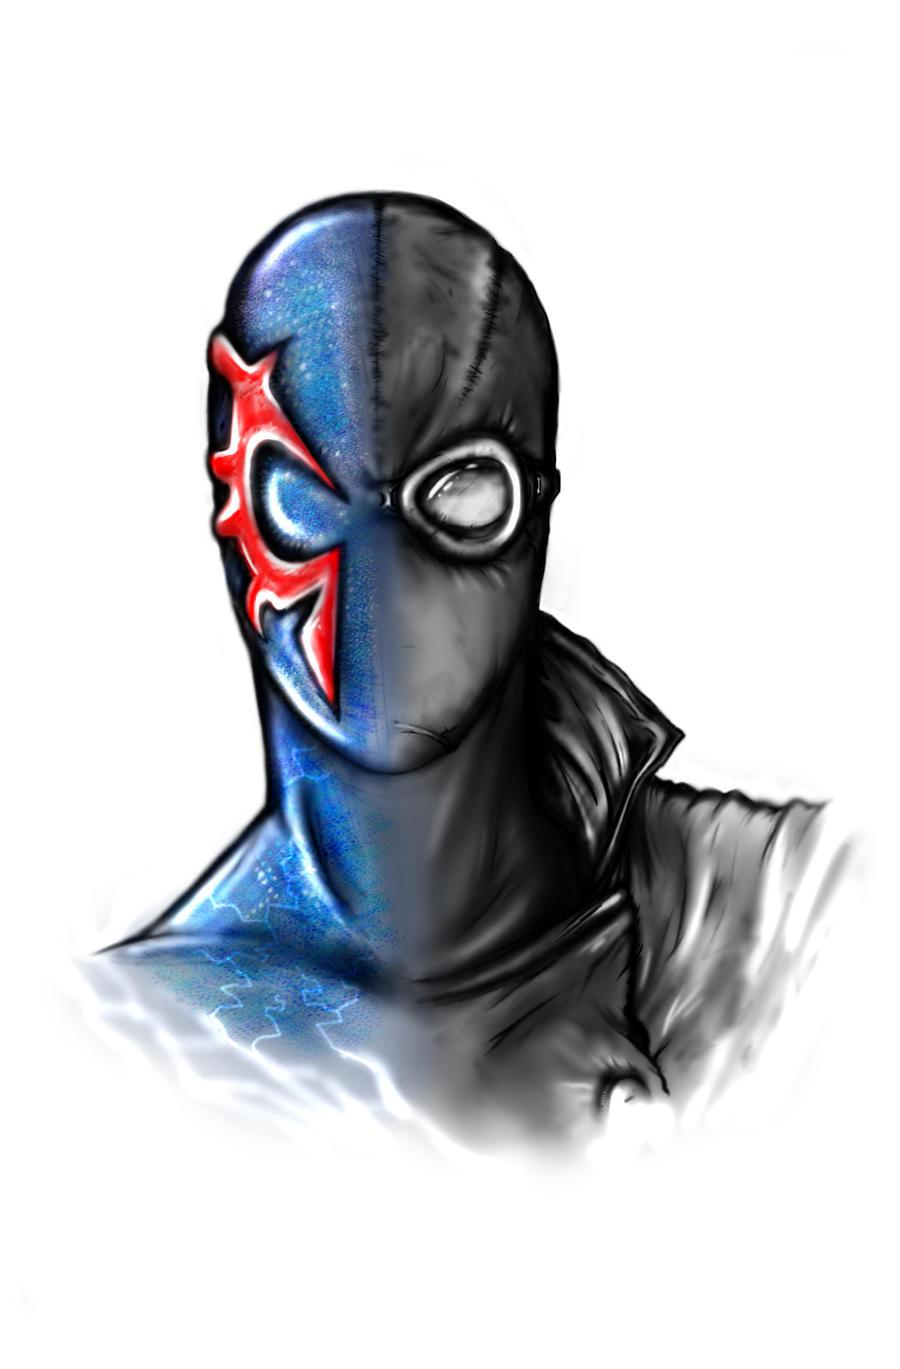 spider man noir and 2099 by thegameworld on DeviantArt